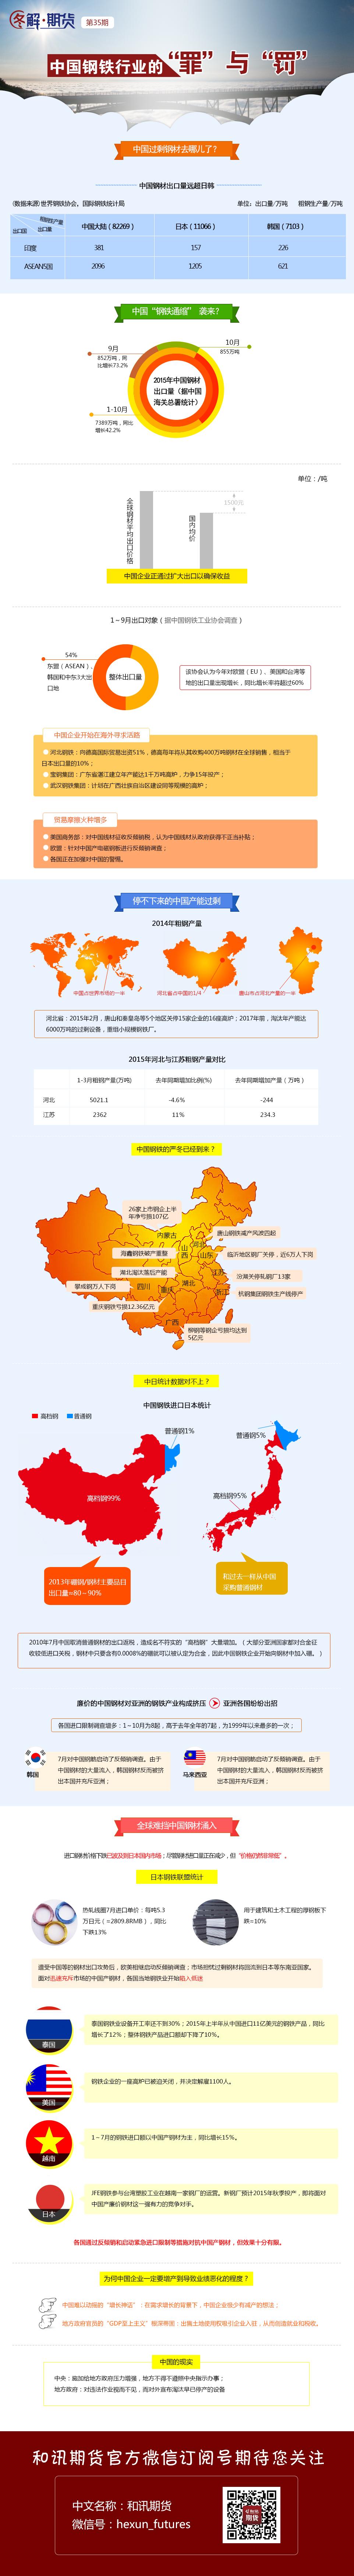 """图解:中国钢铁行业的""""罪""""与""""罚"""""""